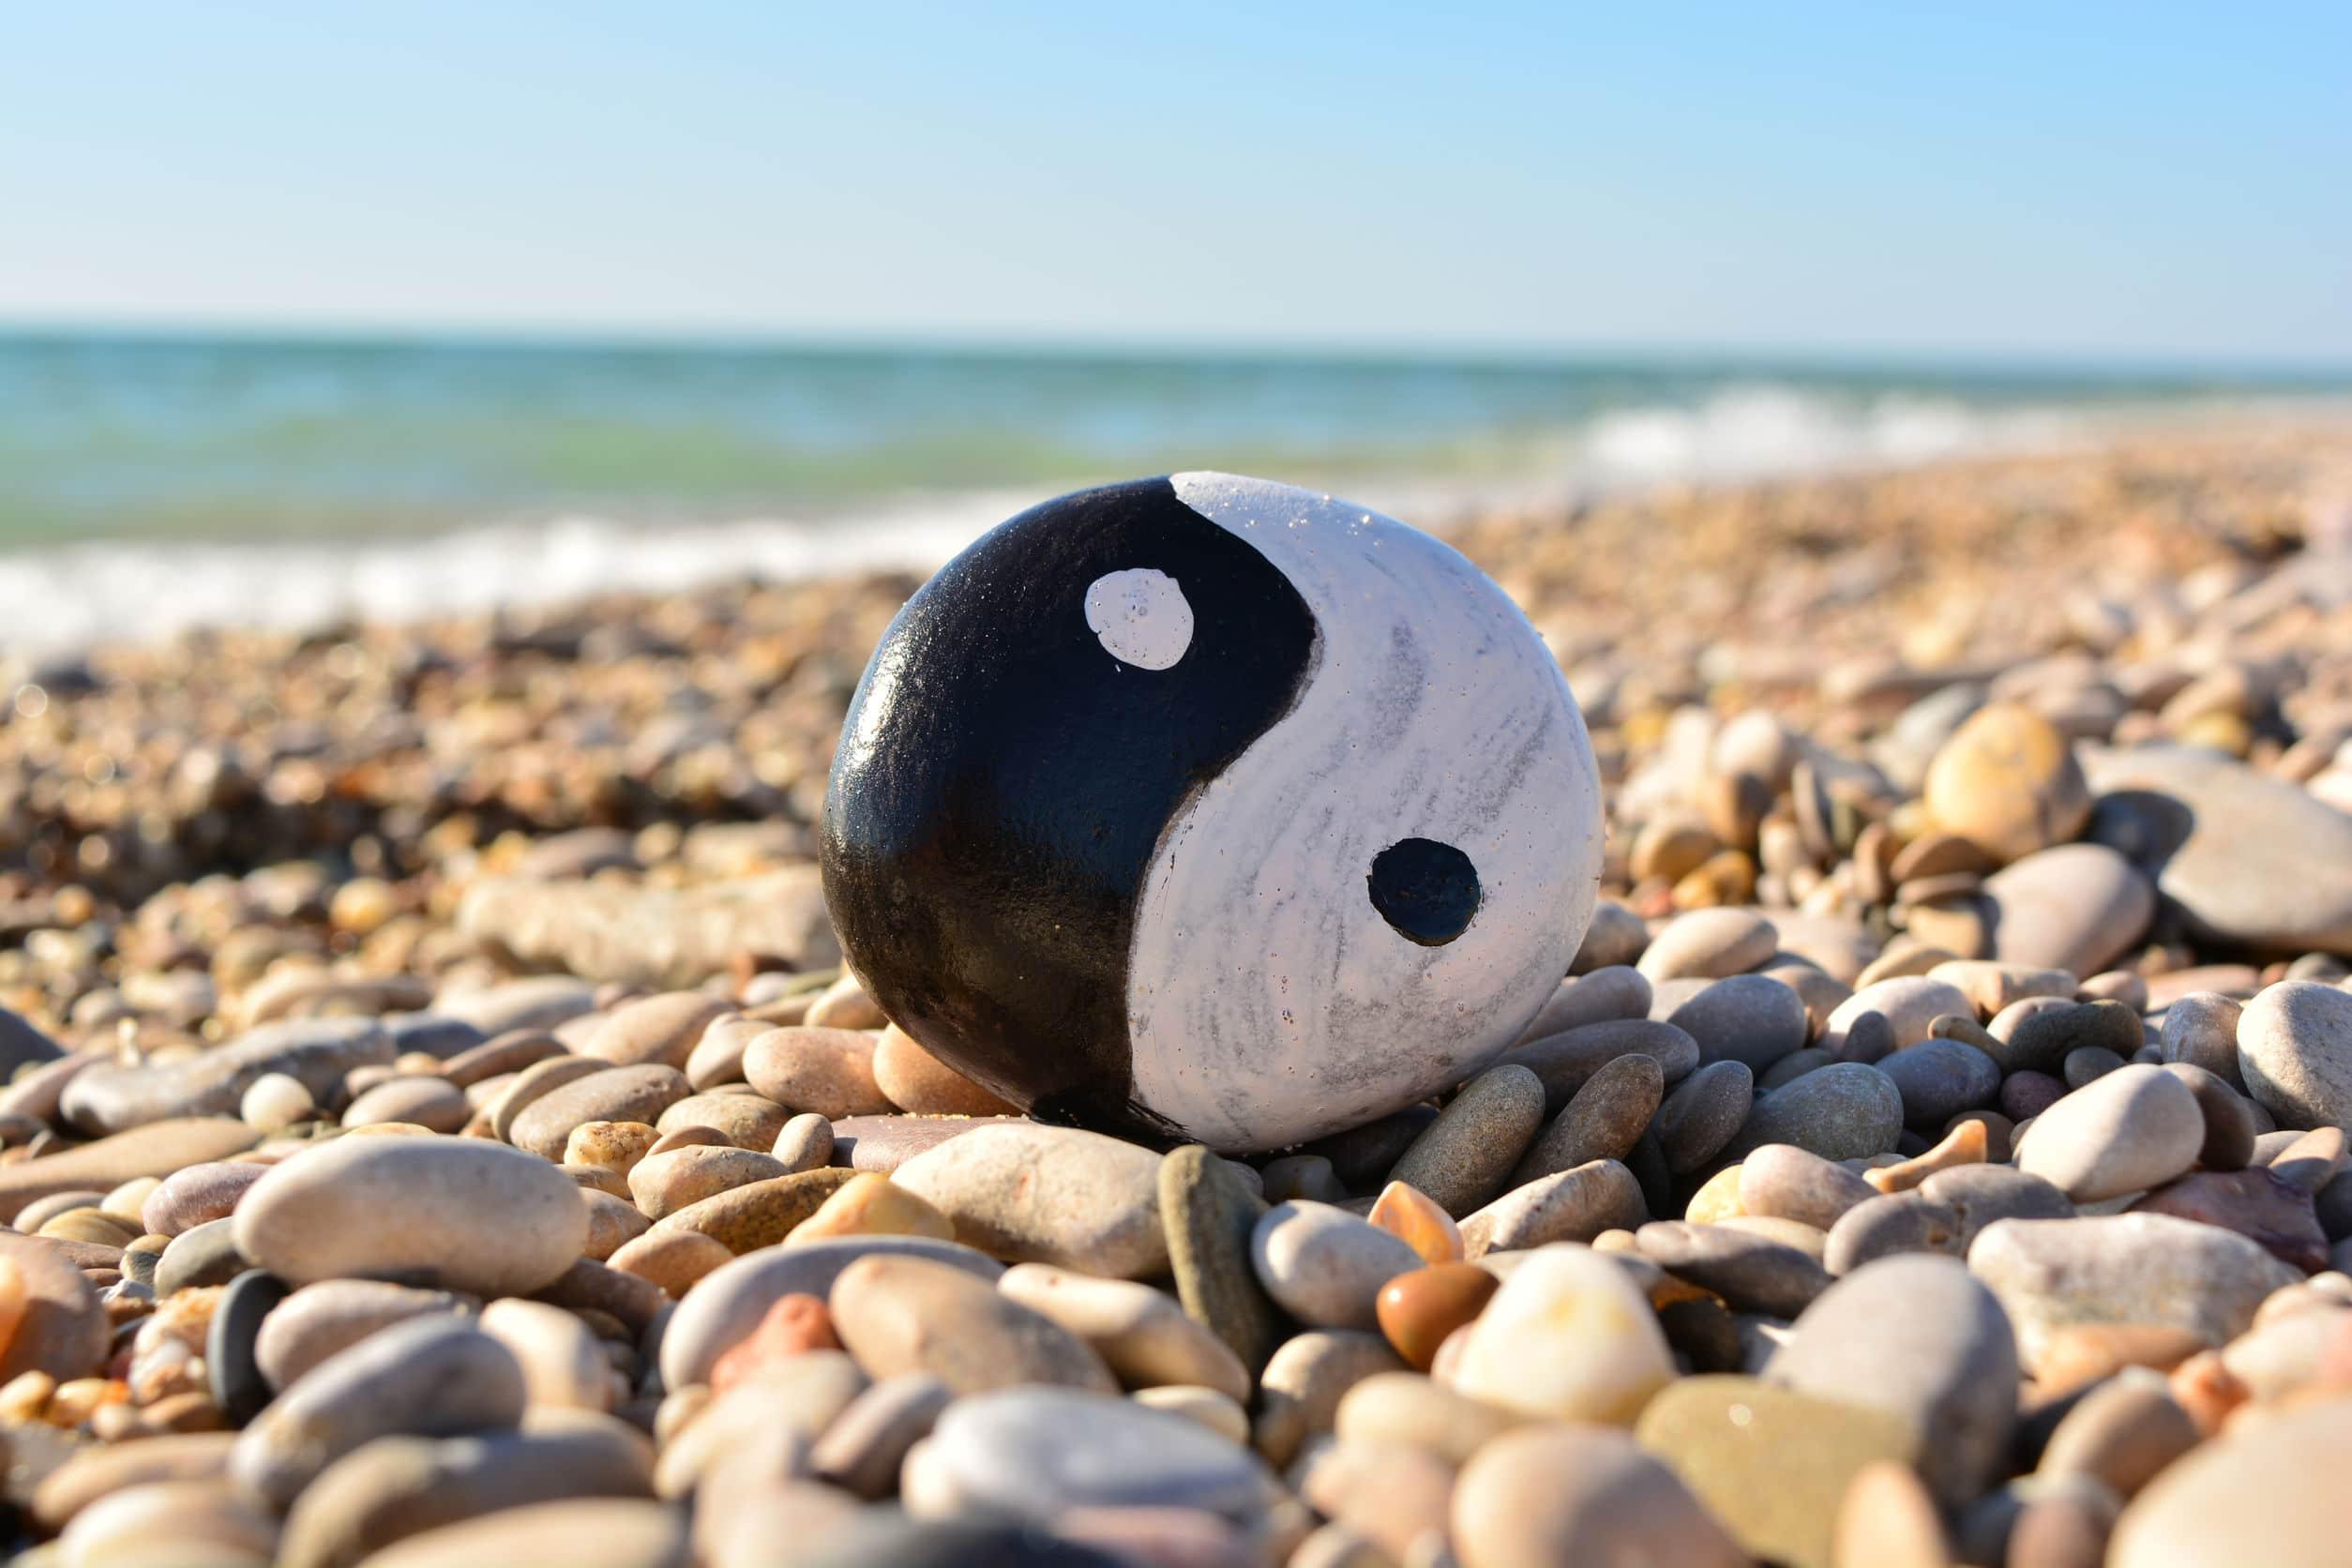 Símbolo do ying yang pintado em uma pedra, na beira mar da praia com céu ensolarado.